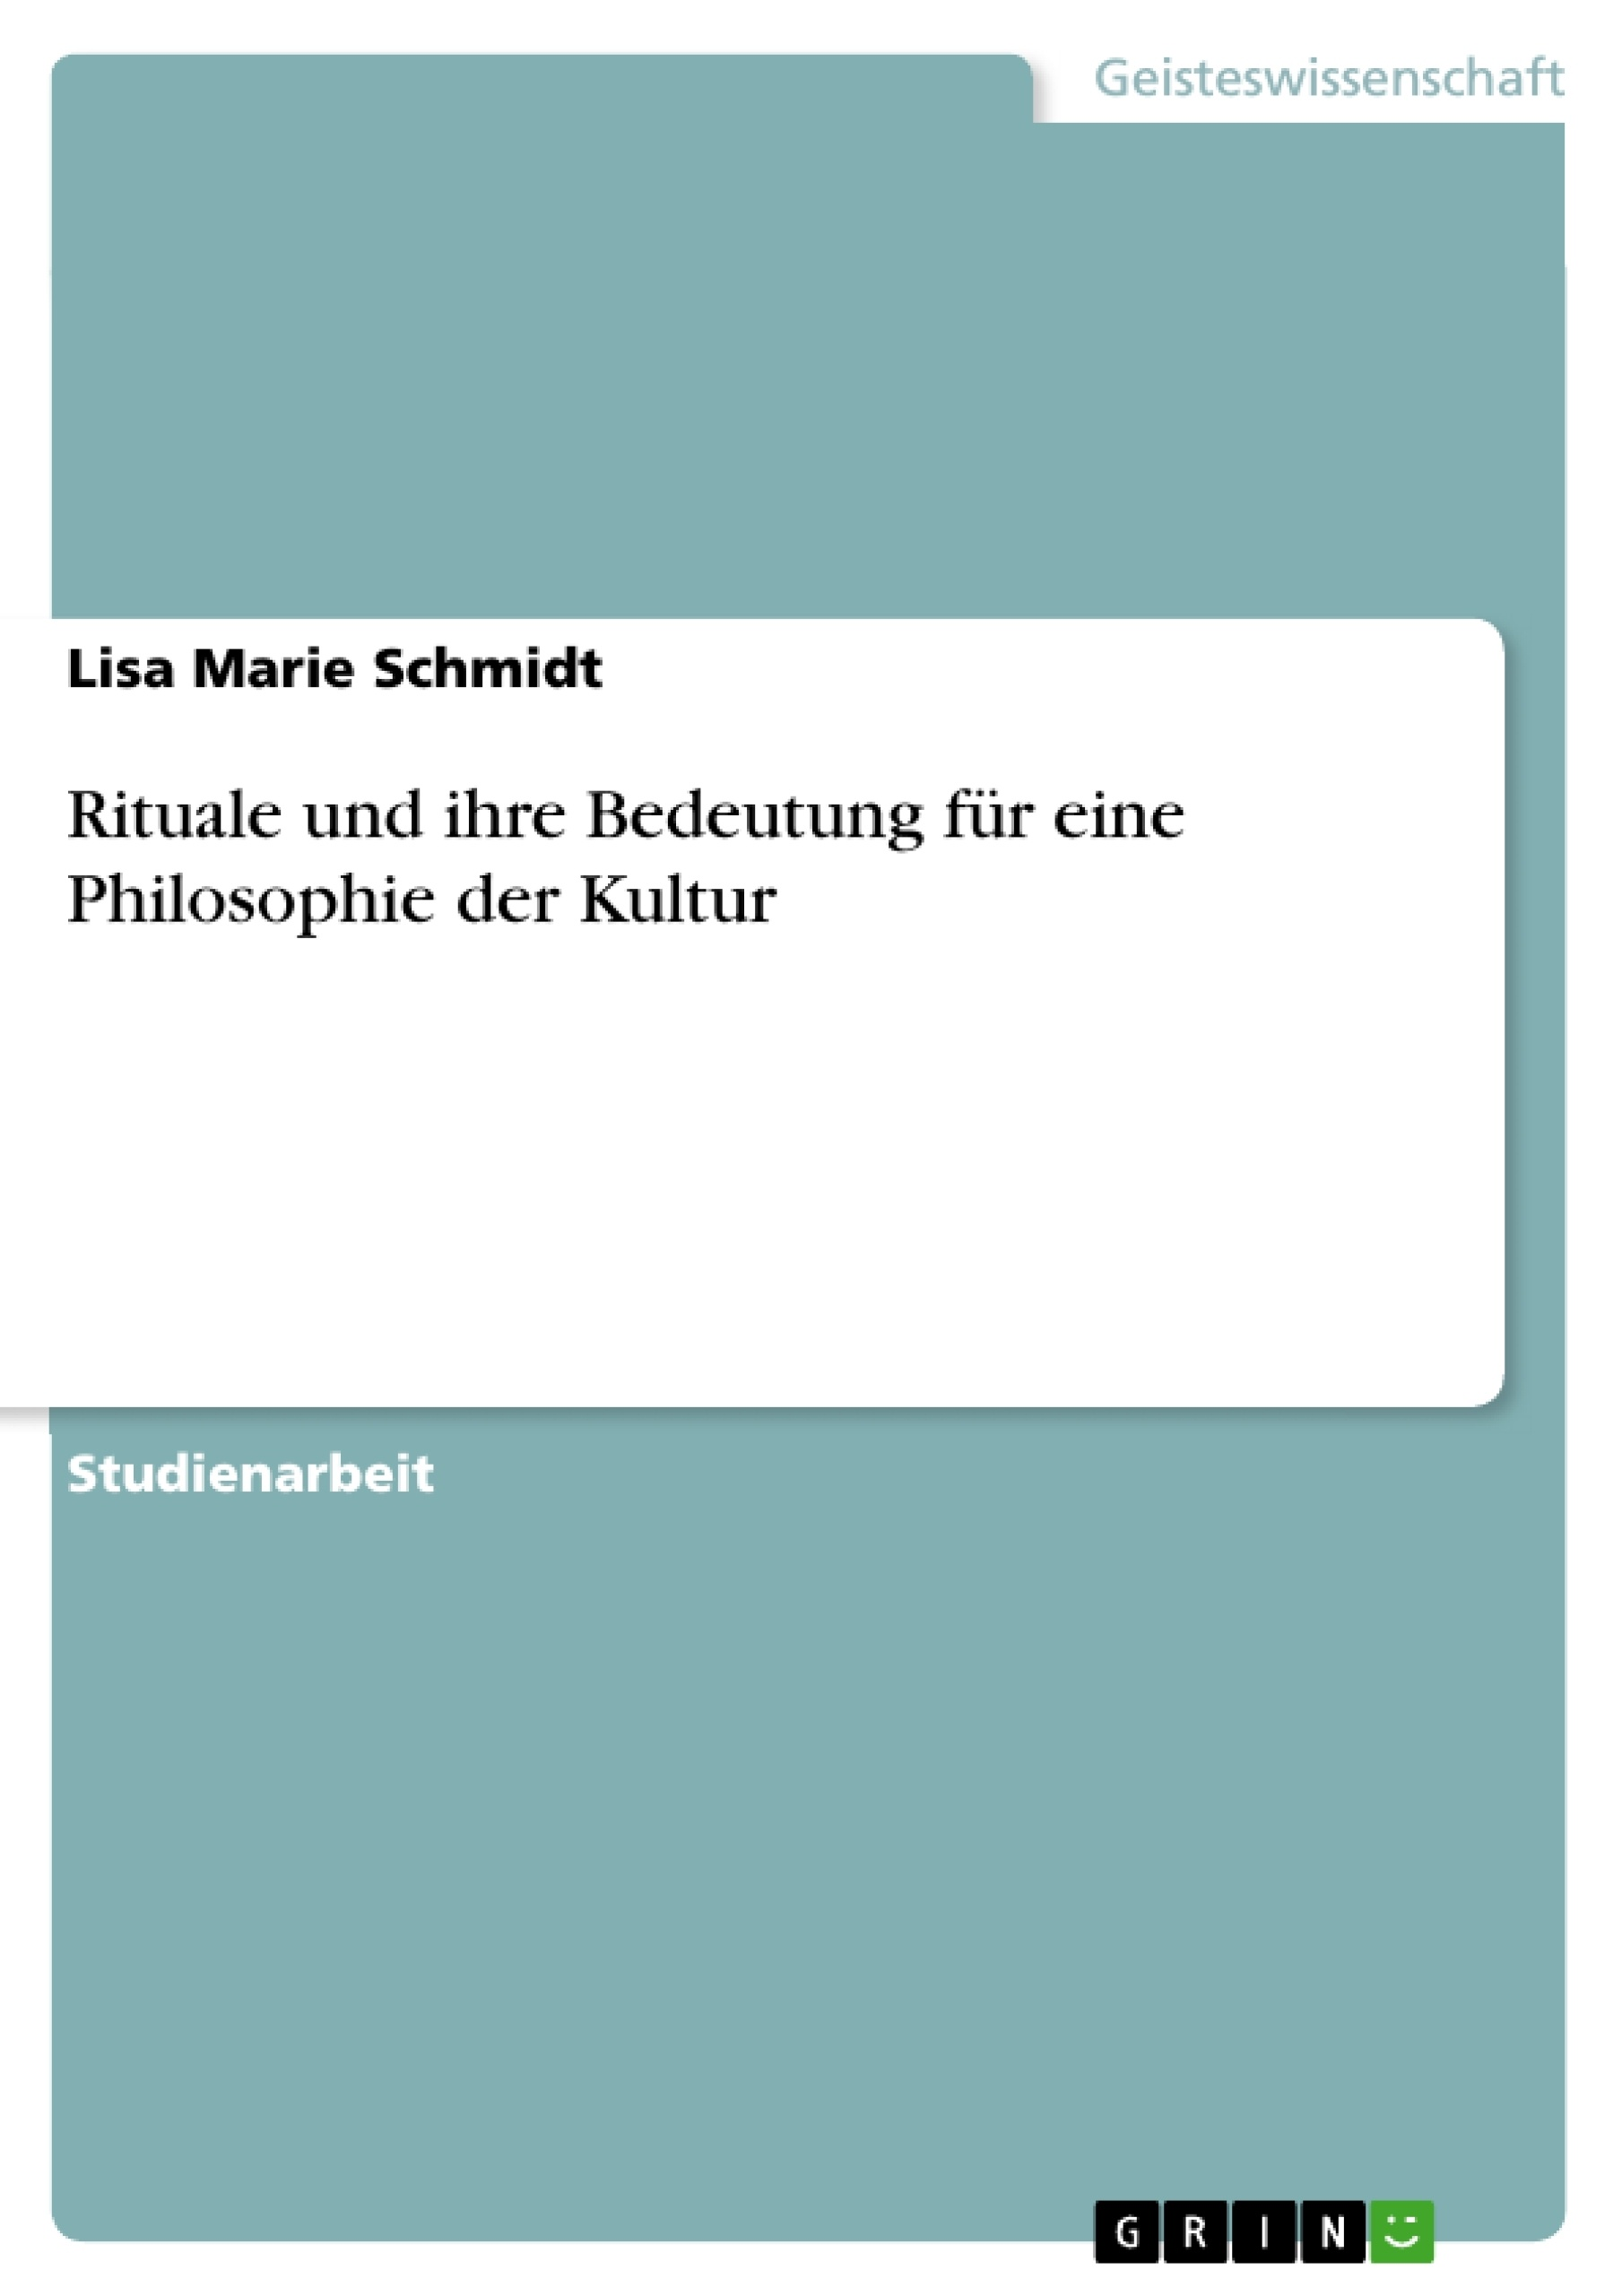 Titel: Rituale und ihre Bedeutung für eine Philosophie der Kultur